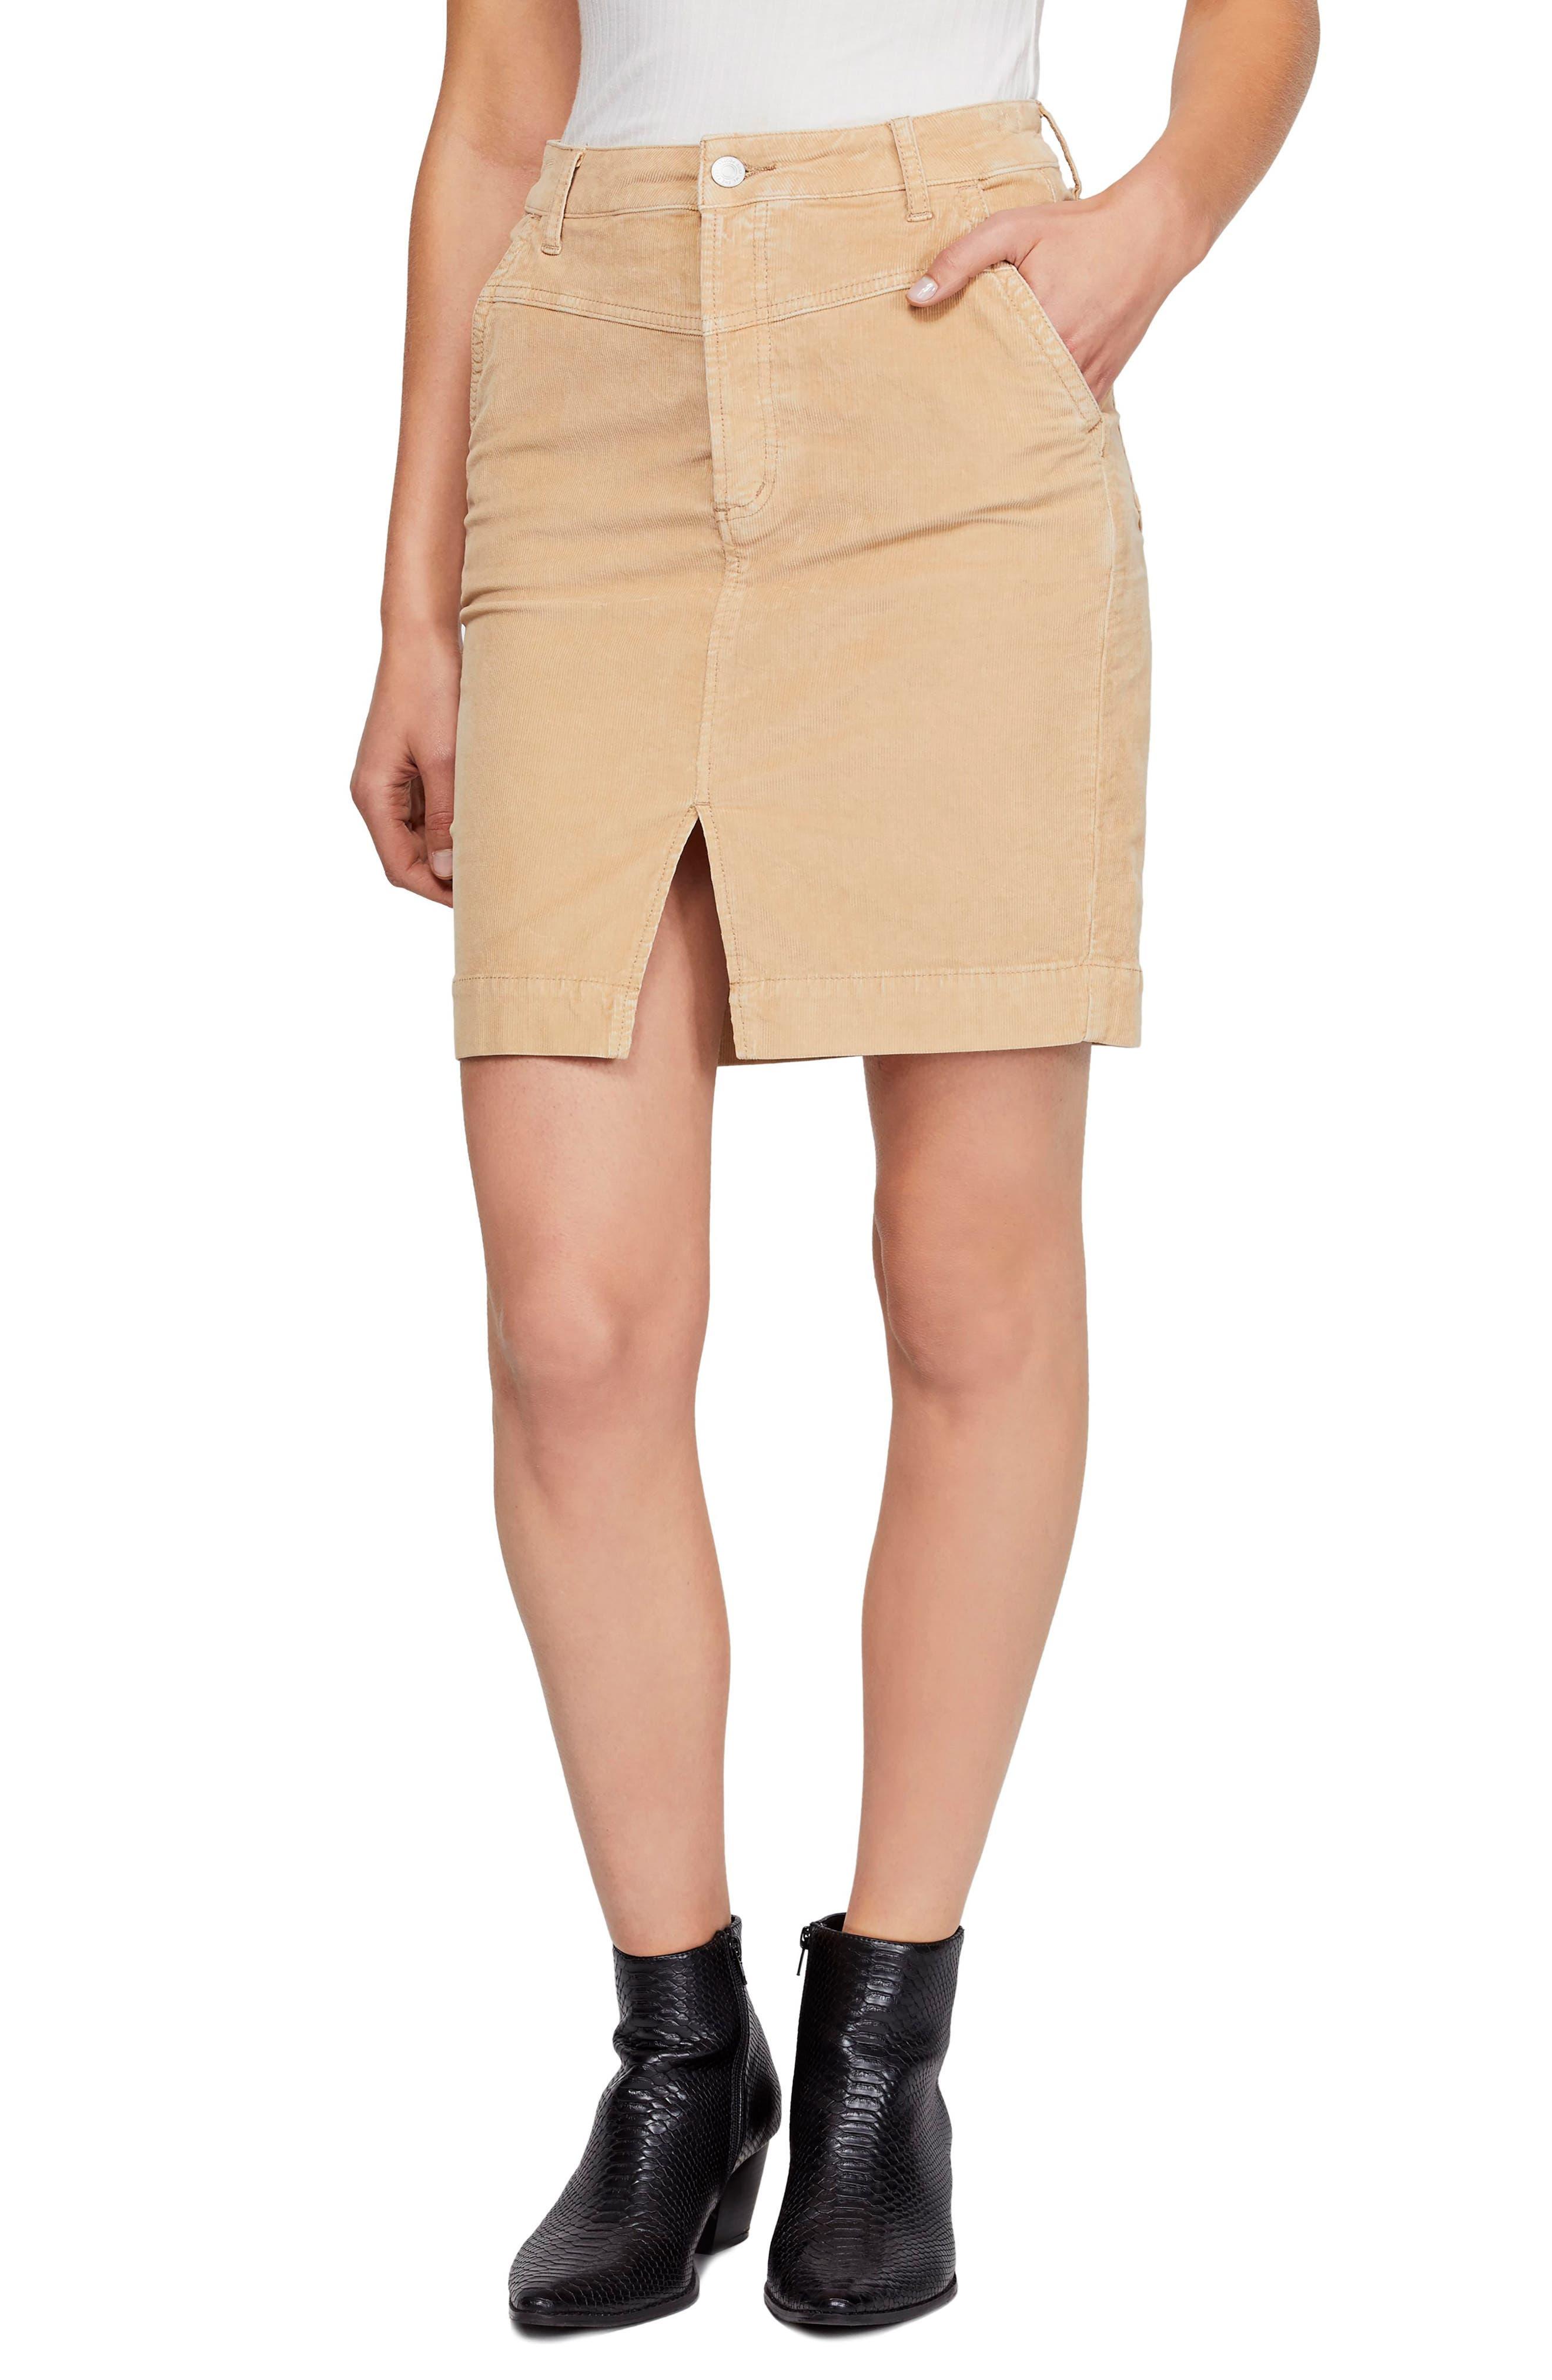 Free People Rosemary Corduroy Pencil Skirt, 7 - Beige